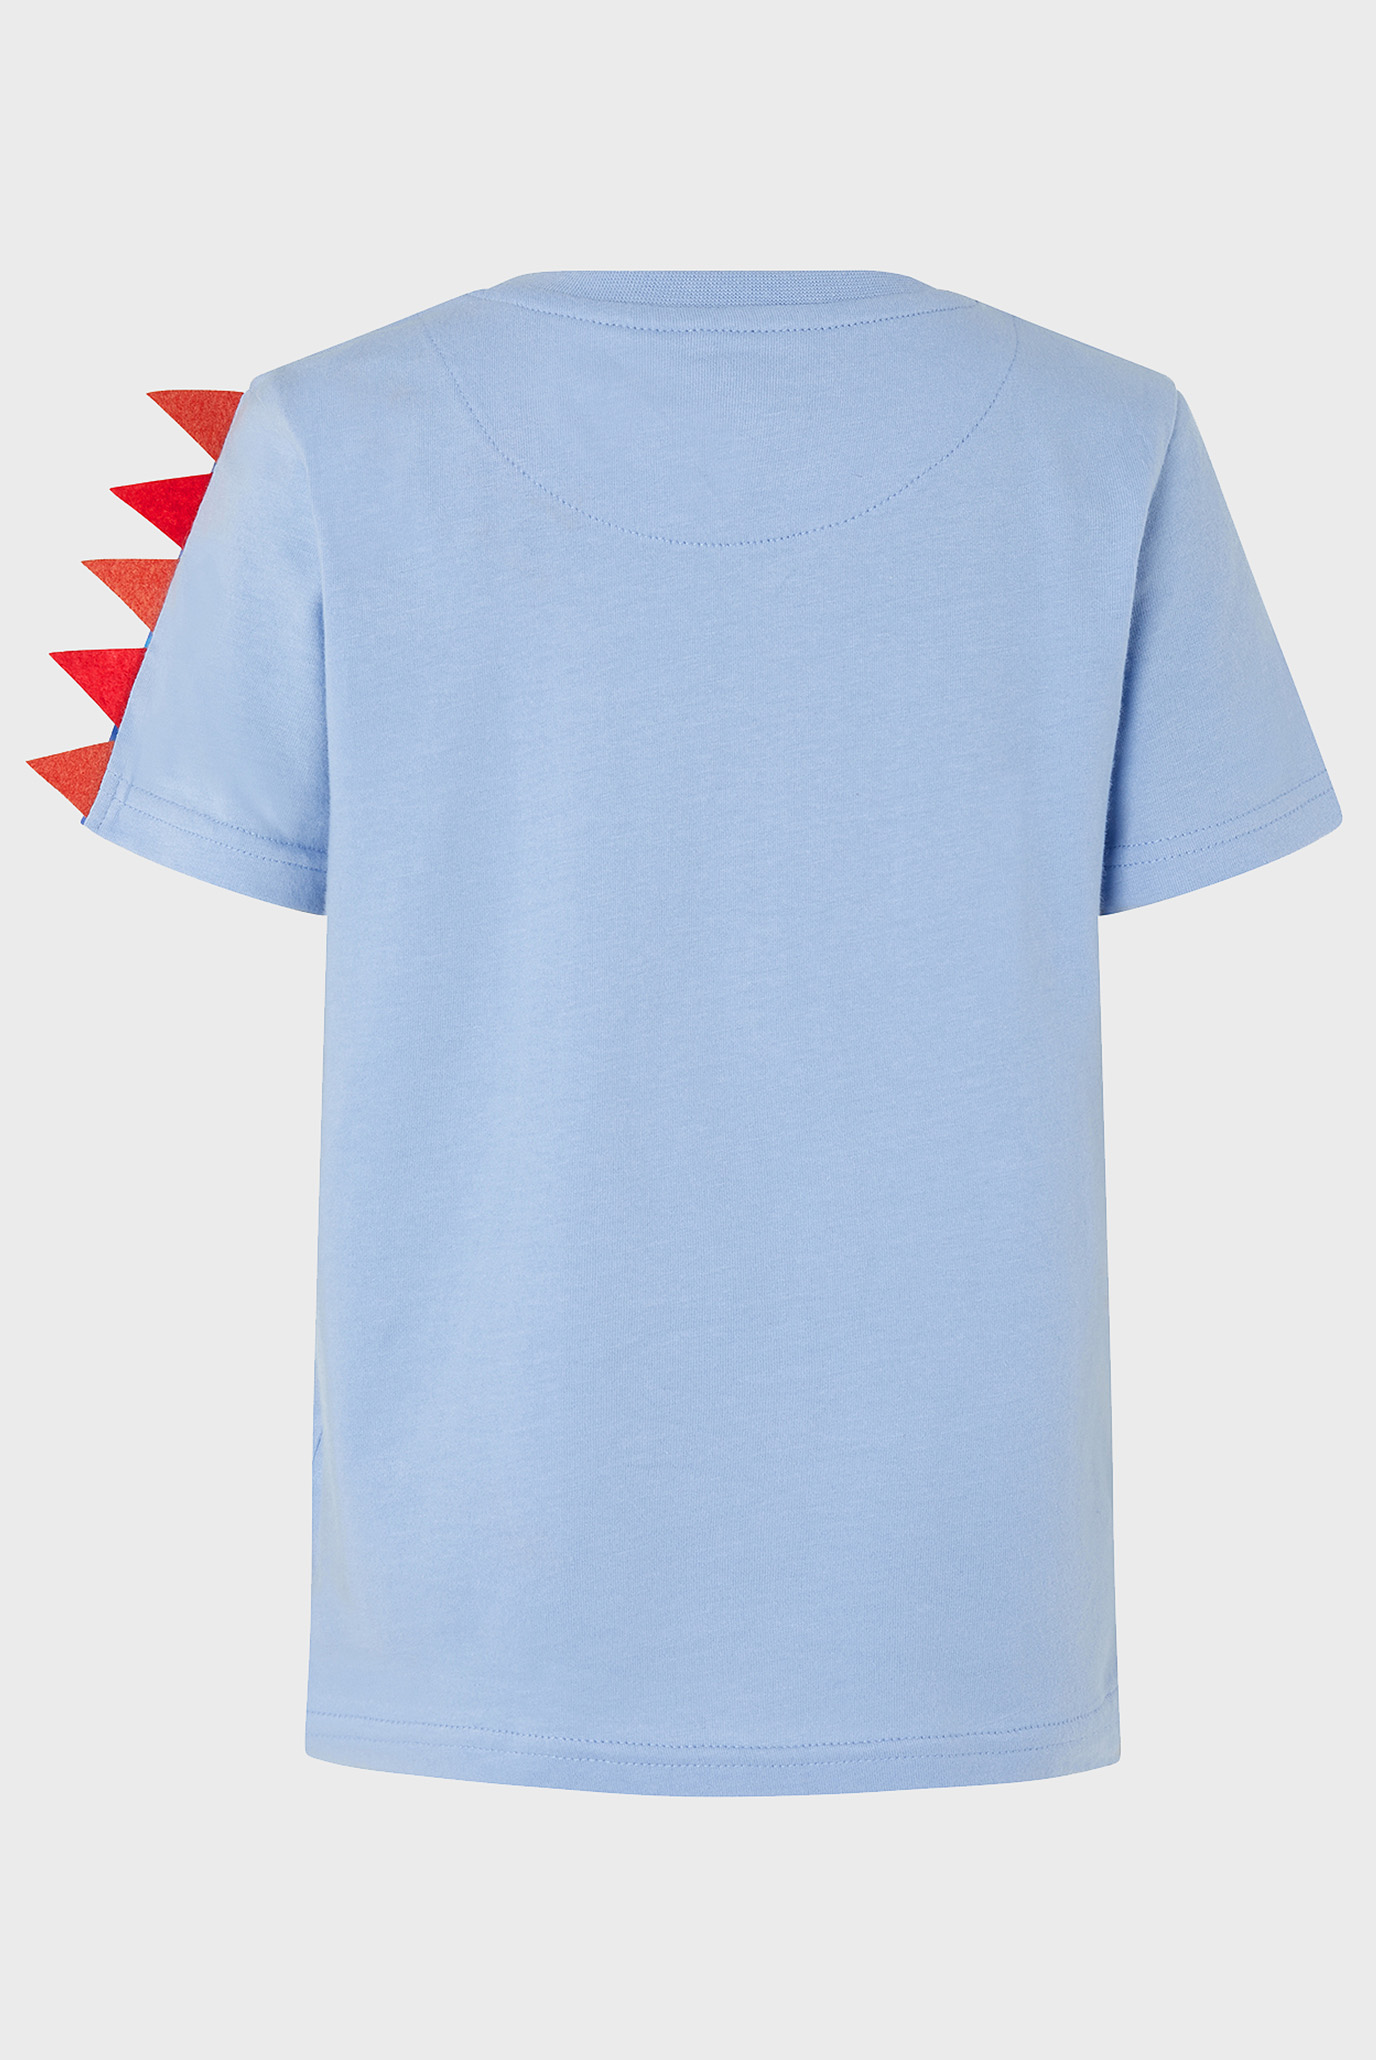 Купить Детская голубая футболка Damien Dino  Monsoon Children Monsoon Children 616701 – Киев, Украина. Цены в интернет магазине MD Fashion